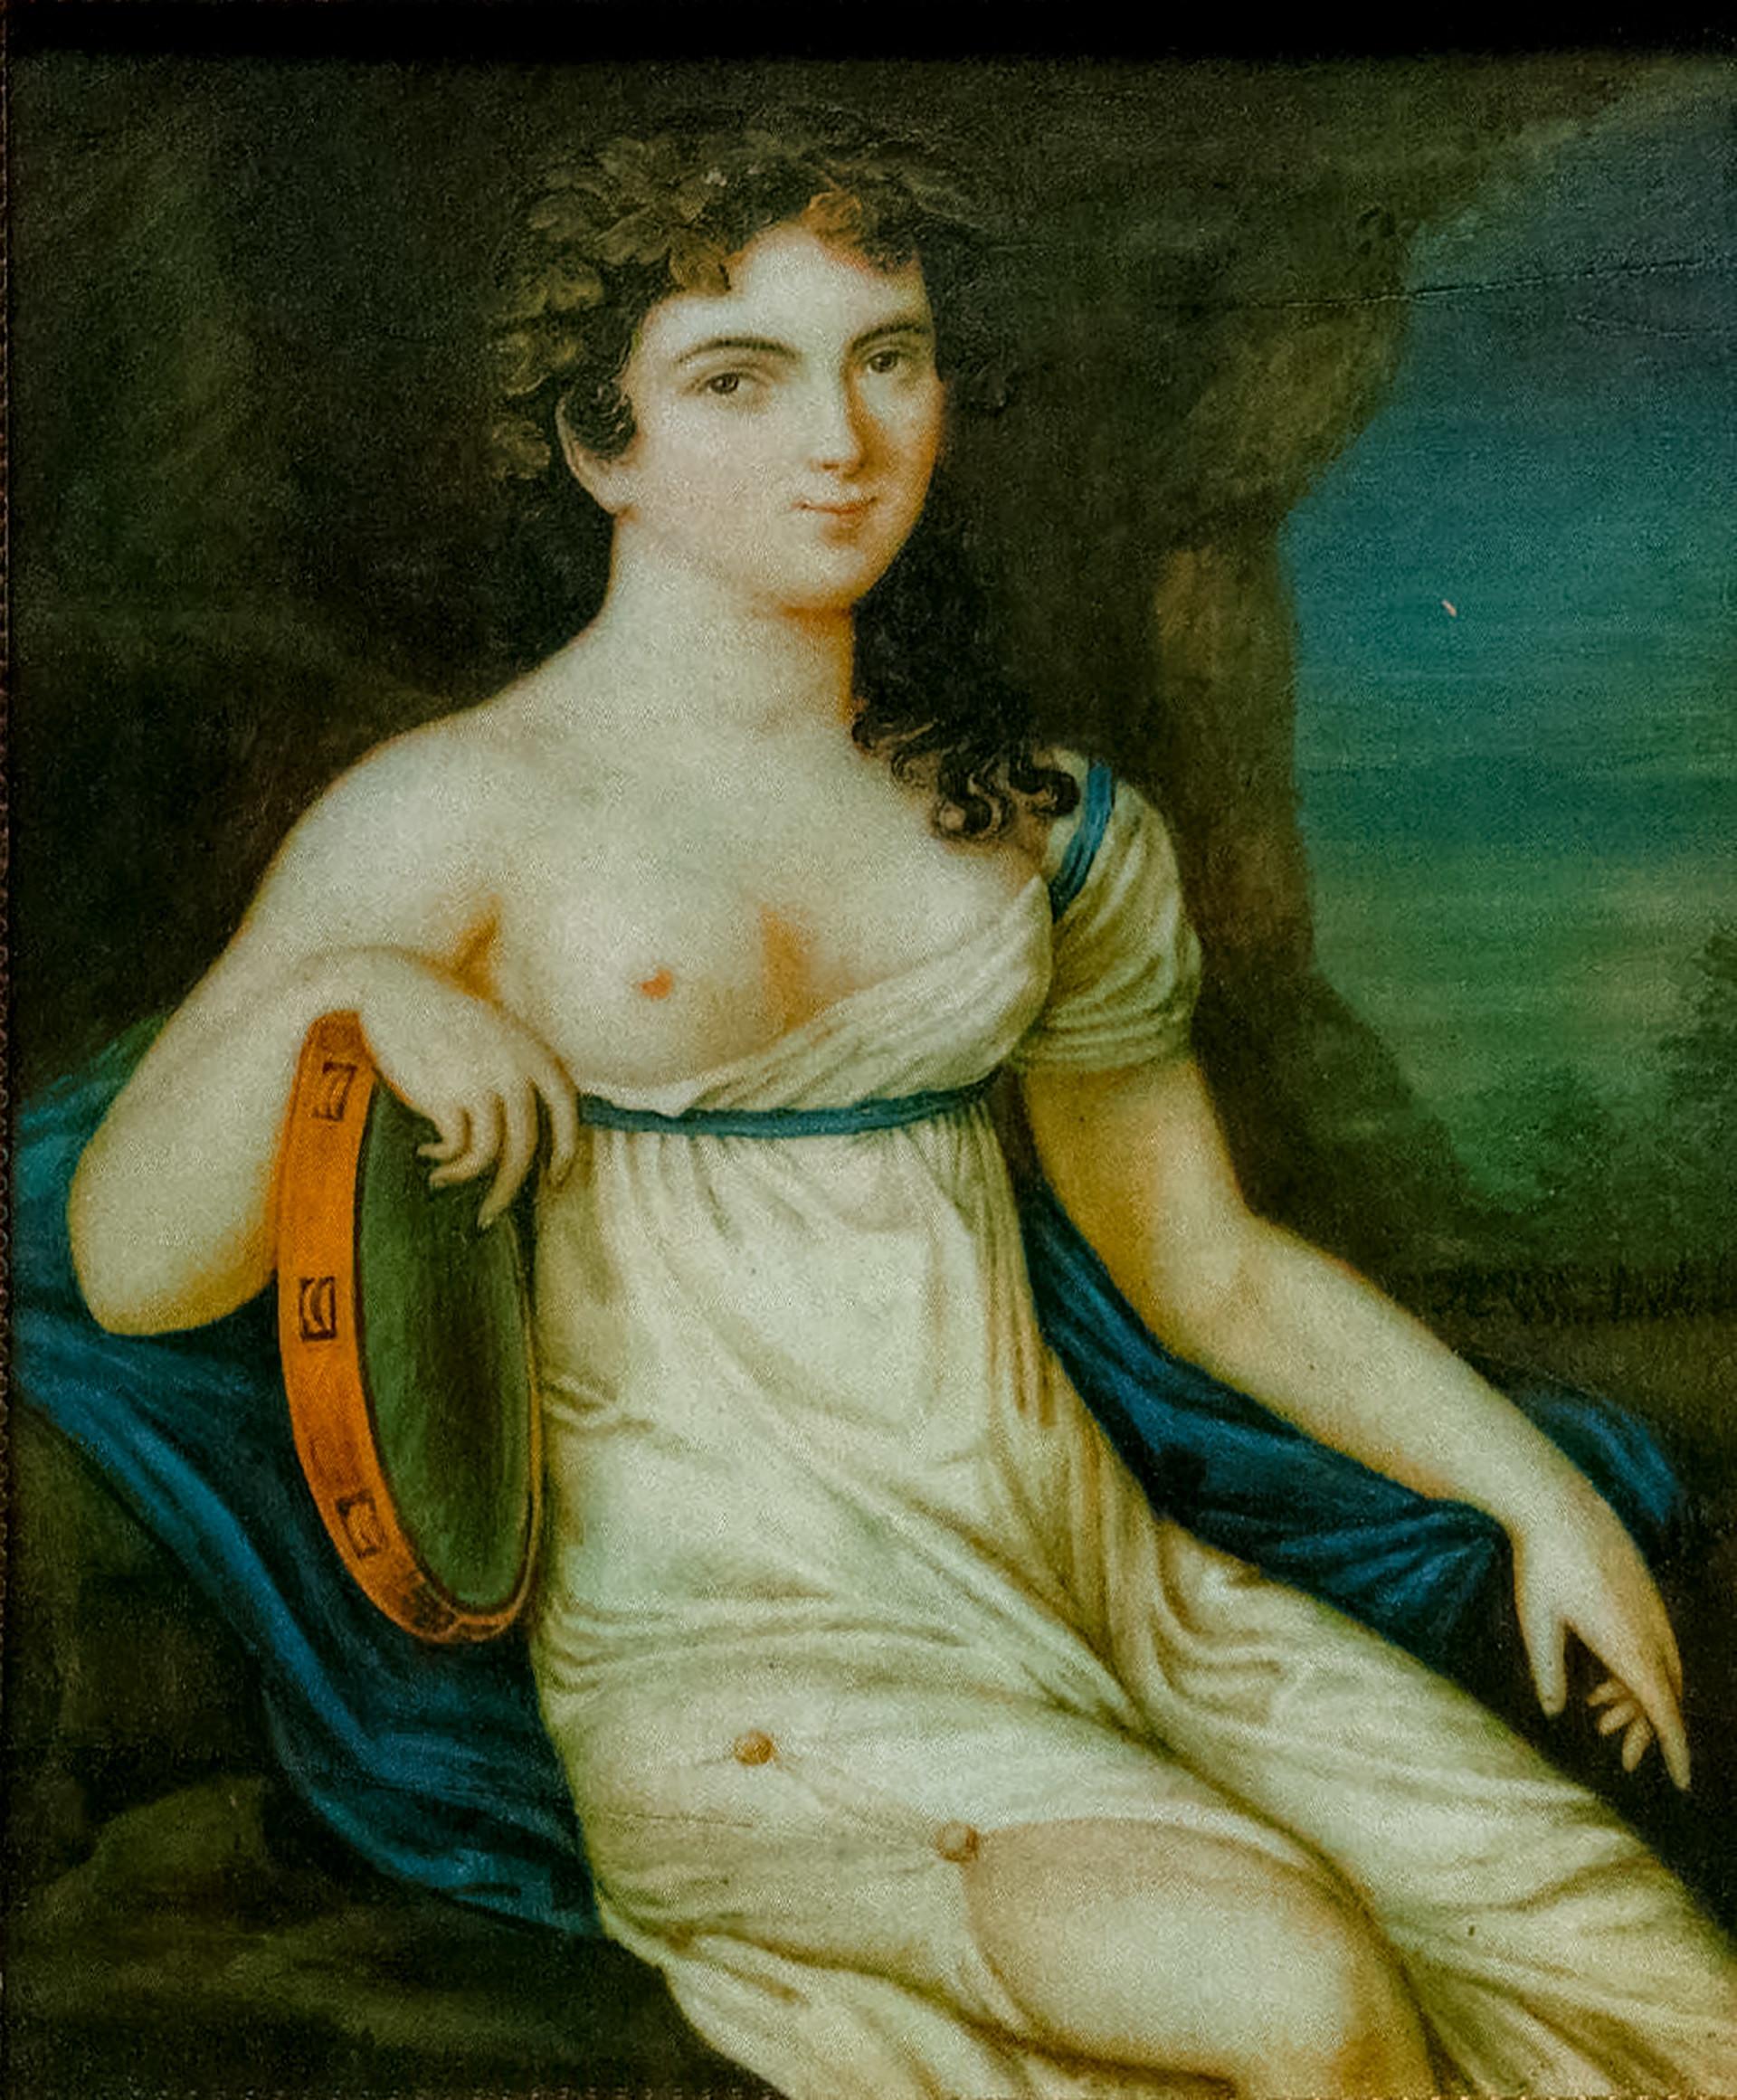 アヴドチヤ・イストミナの肖像、1815年〜1818年